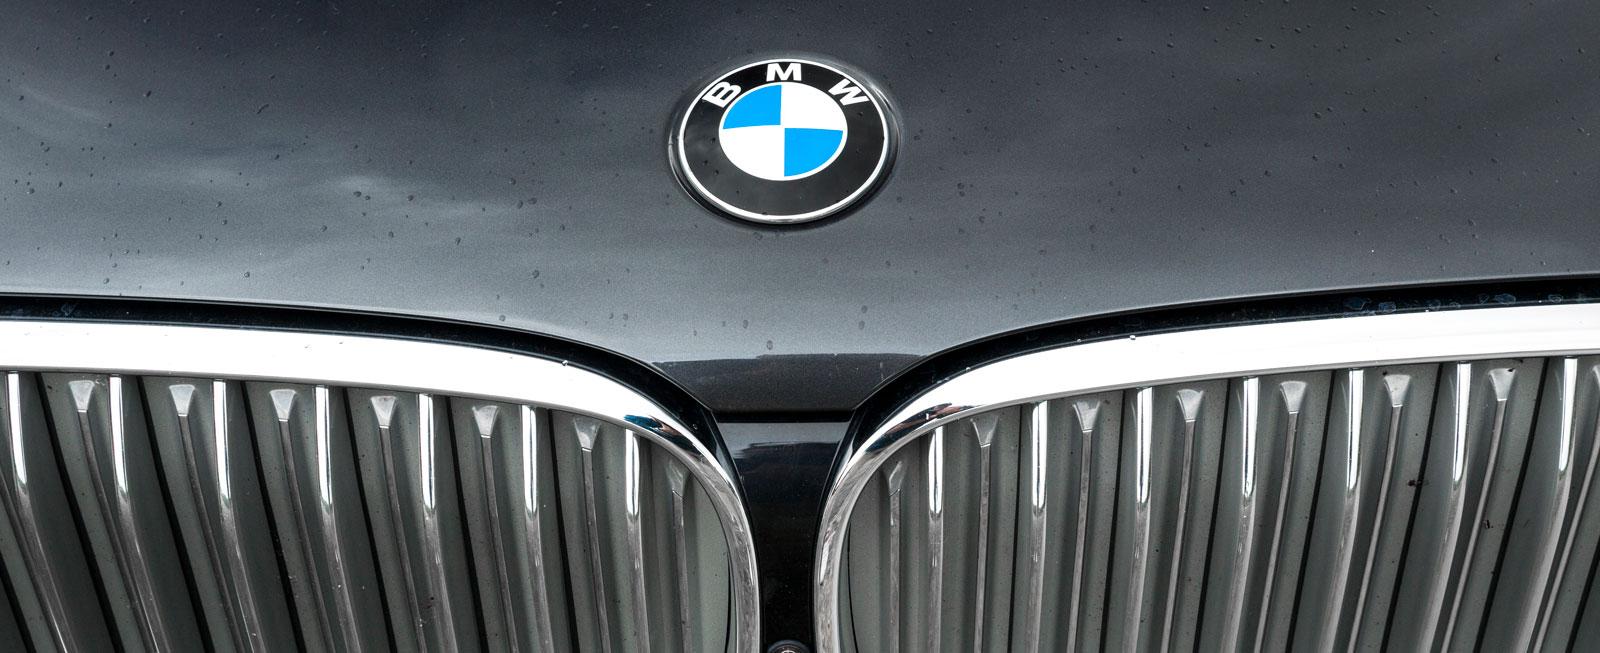 Kylargardinen är tillbaka. BMW:s grill öppnas eller stängs beroende på motorns ansträngning.